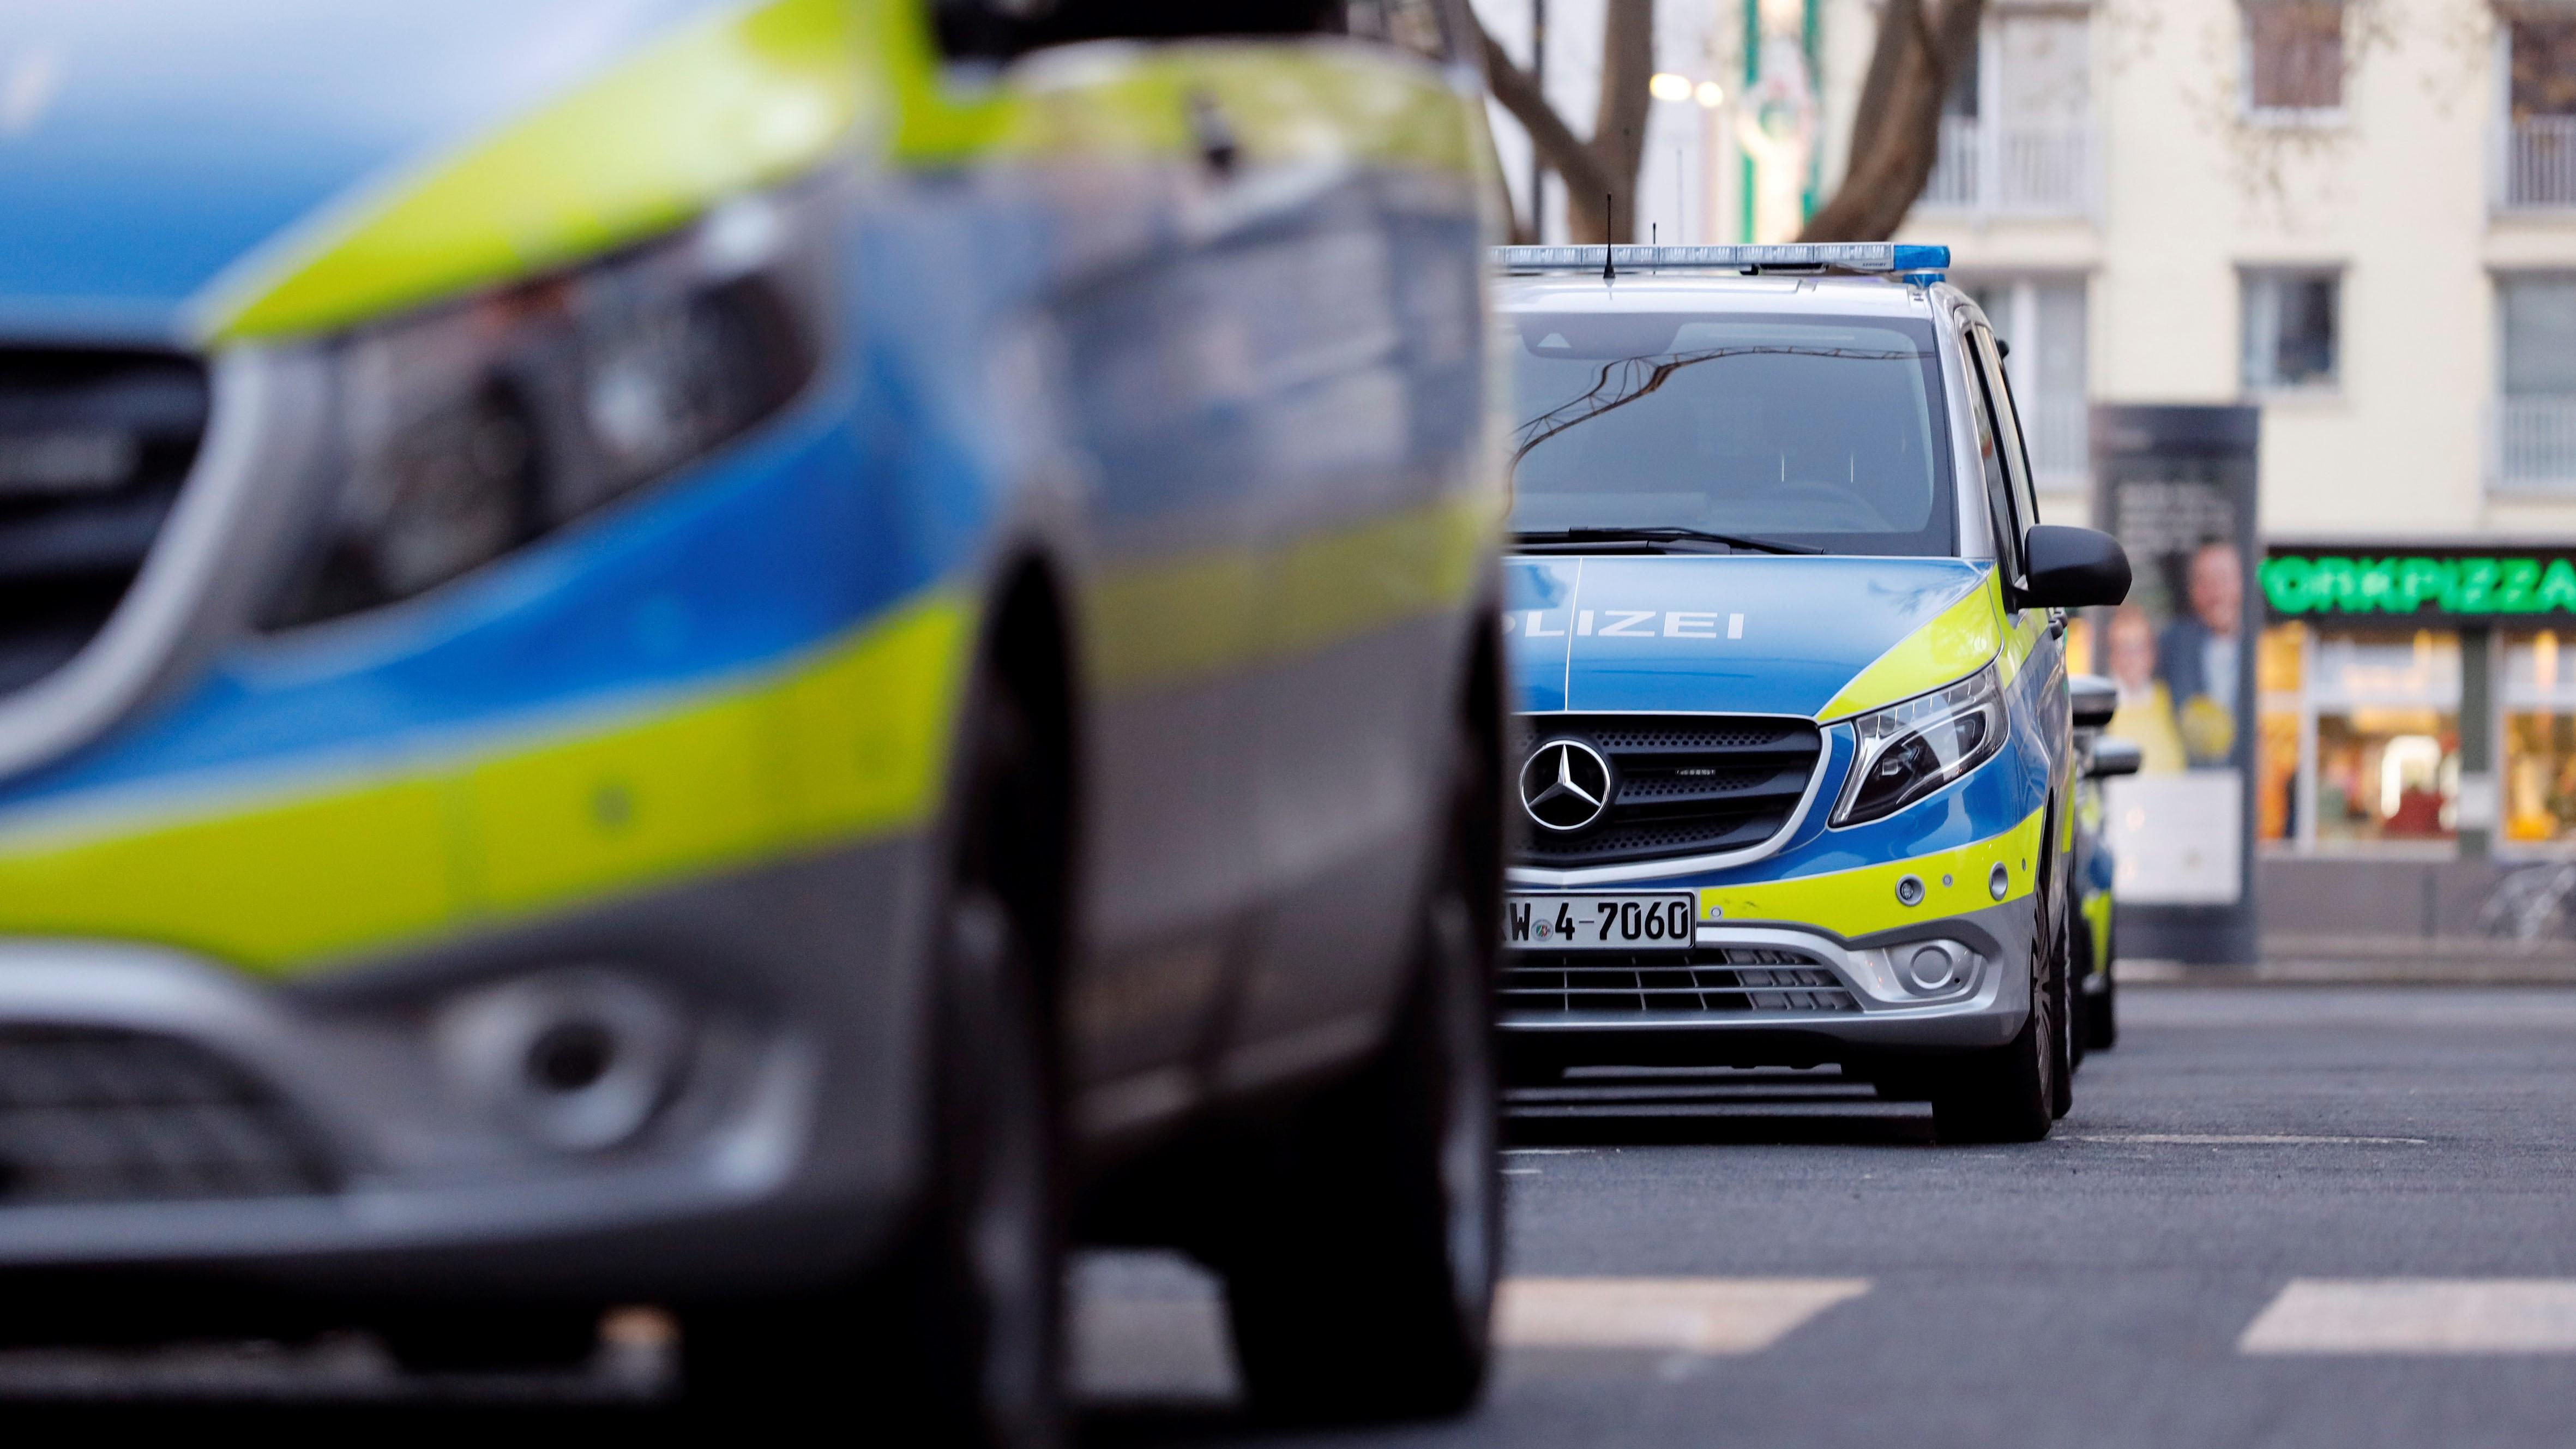 Blick auf mehrere Streifenwagen der Polizei (Symbolbild, Quelle: dpa, Christoph Hardt)